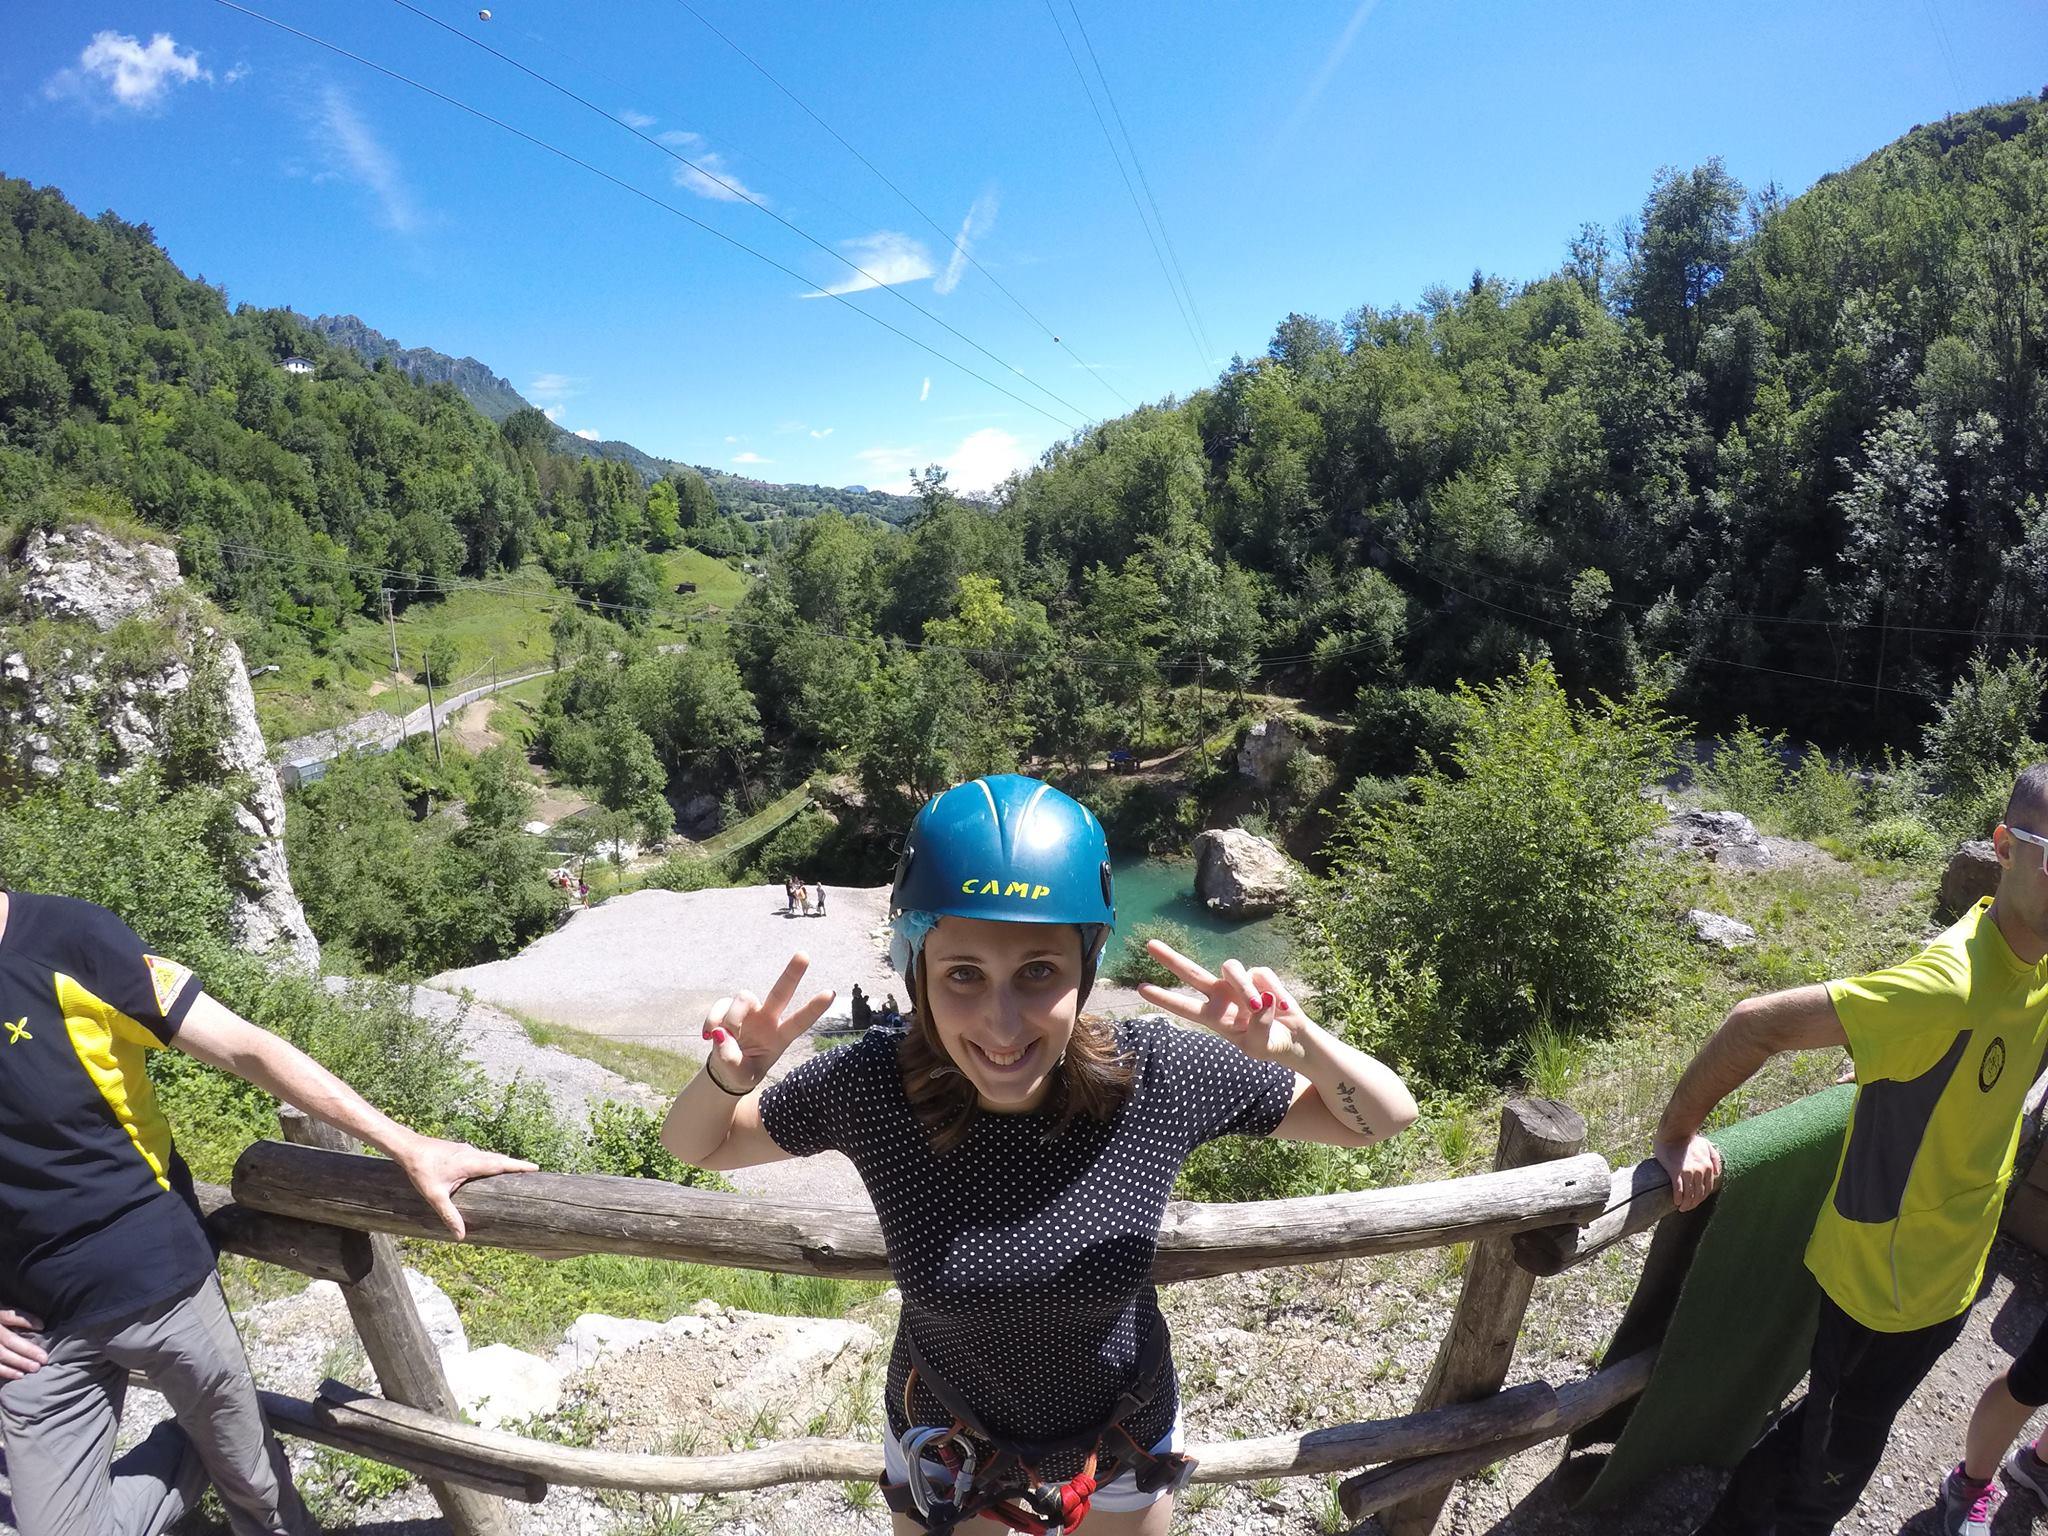 #AmazingBrescia: Una domenica di avventure al Parco delle Fucine di Casto